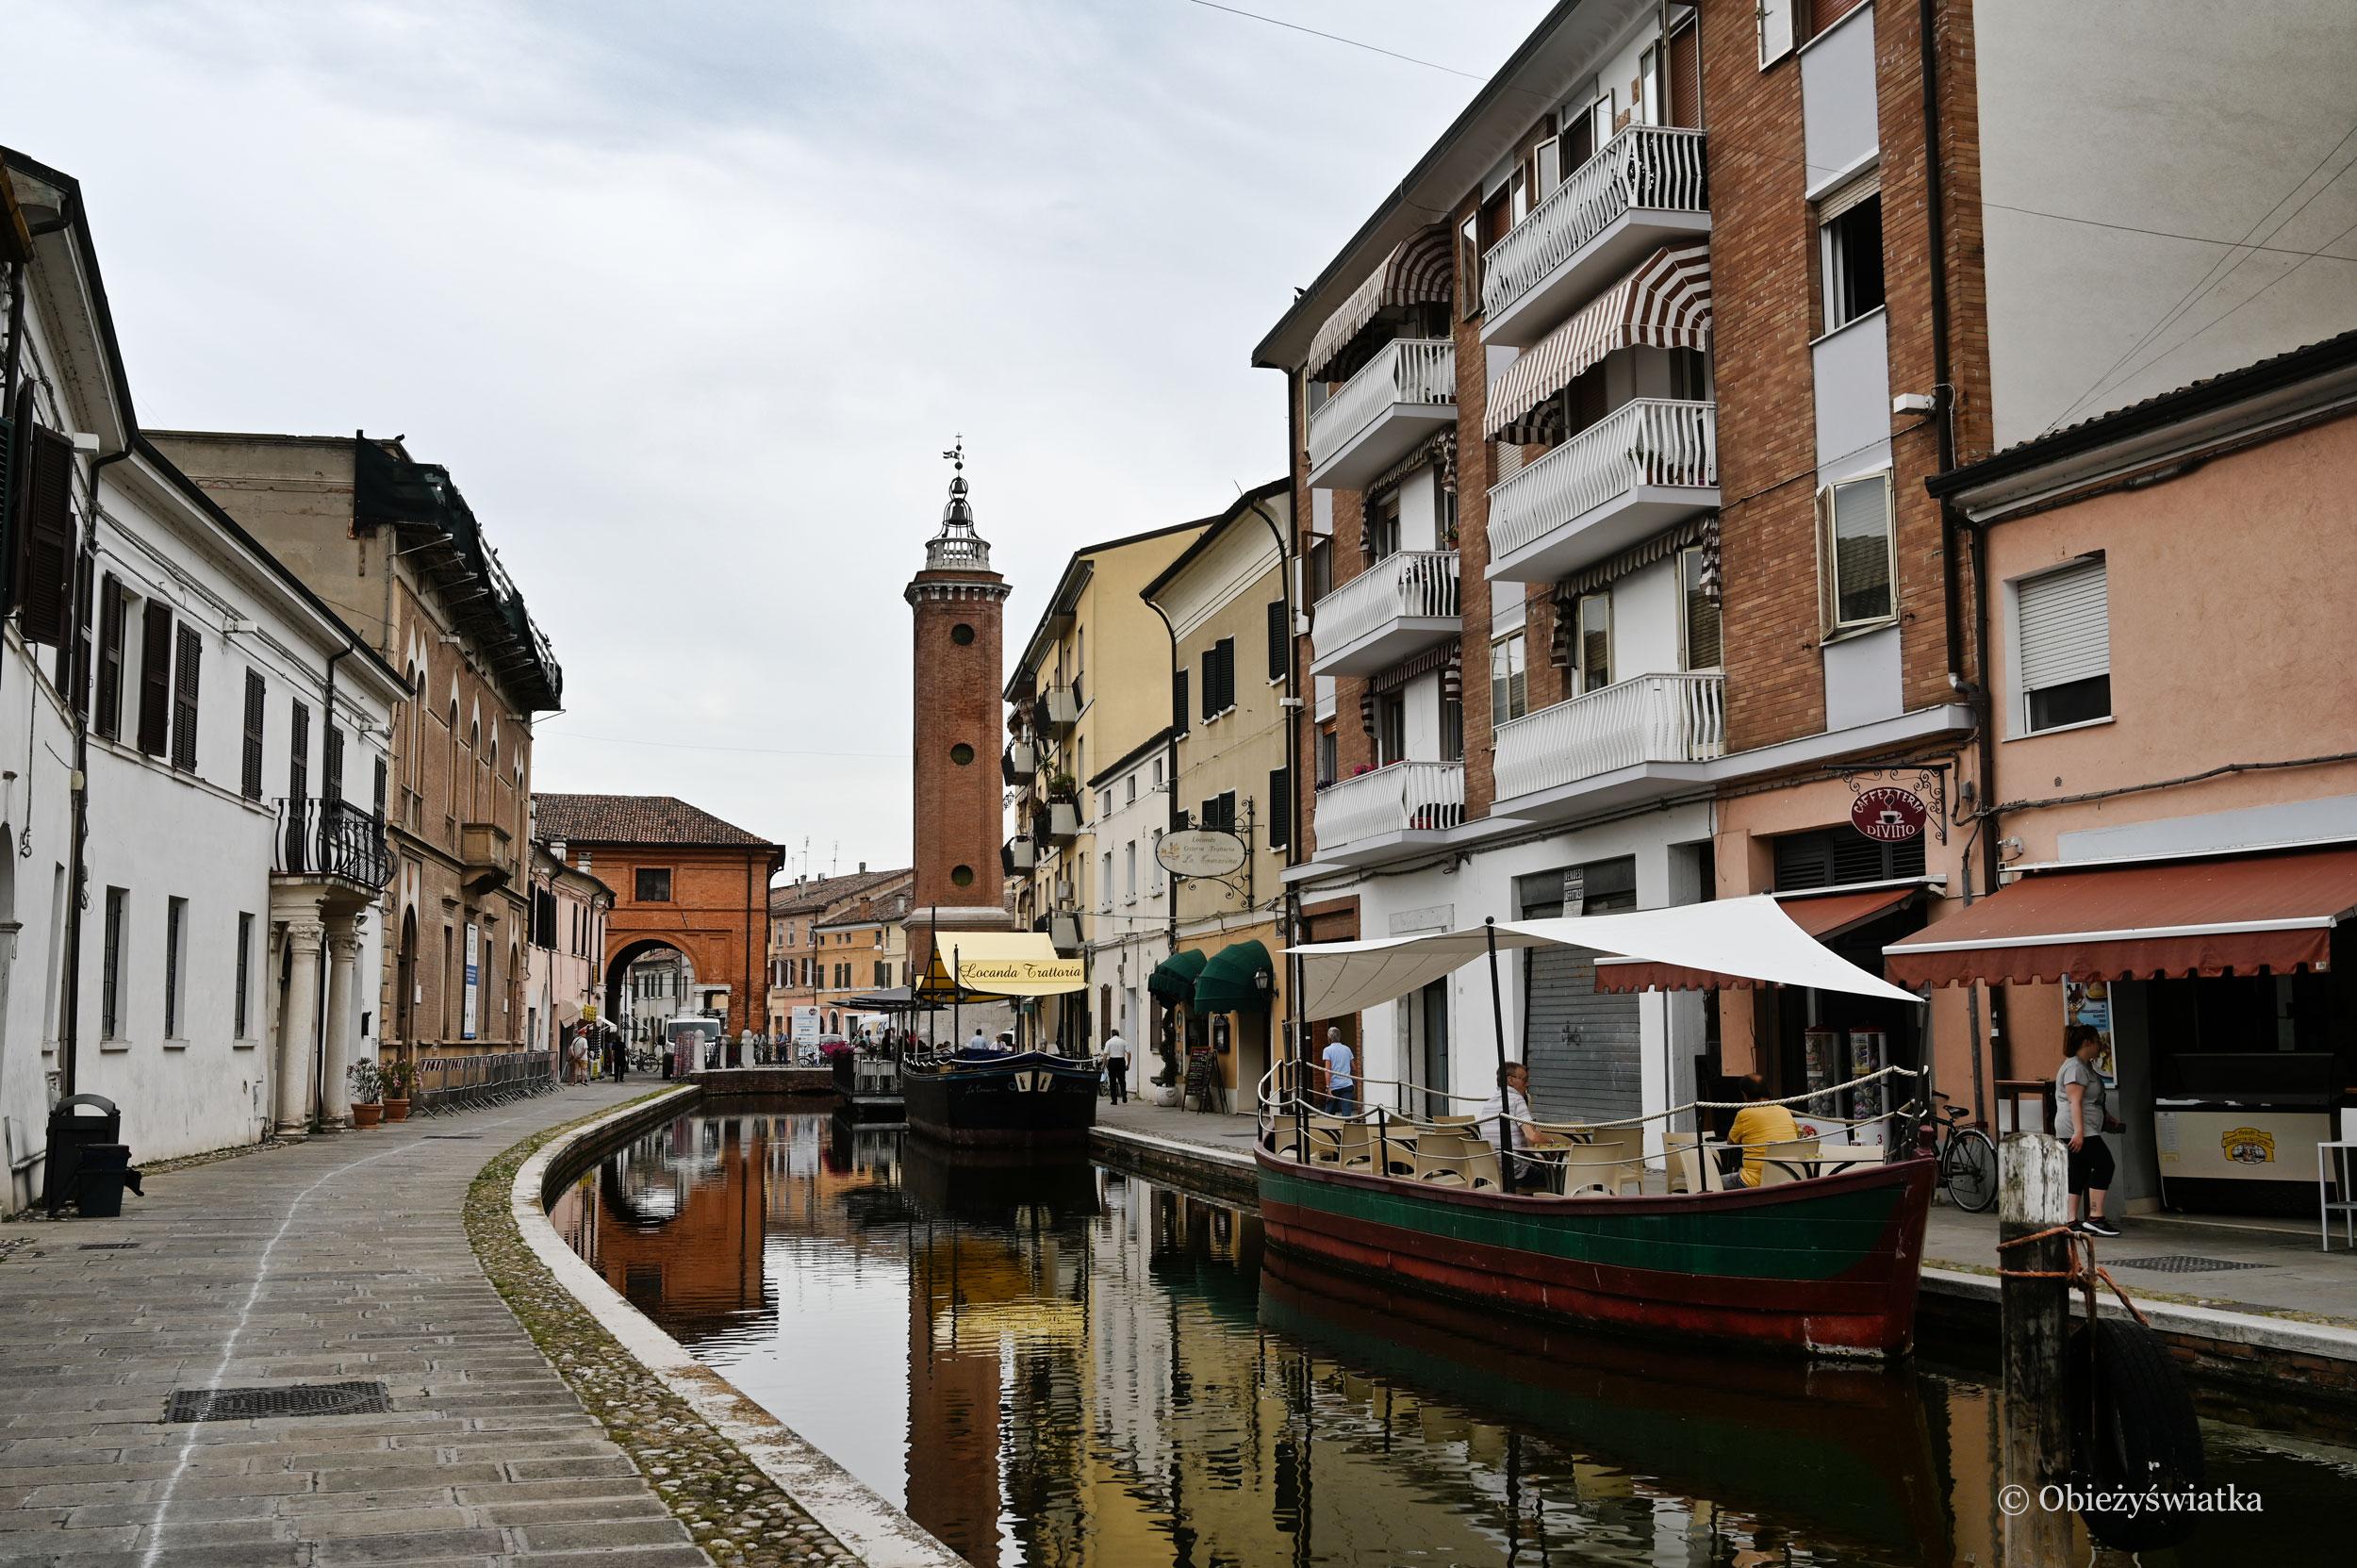 Comacchio, Stare Miasto na wodzie, Włochy